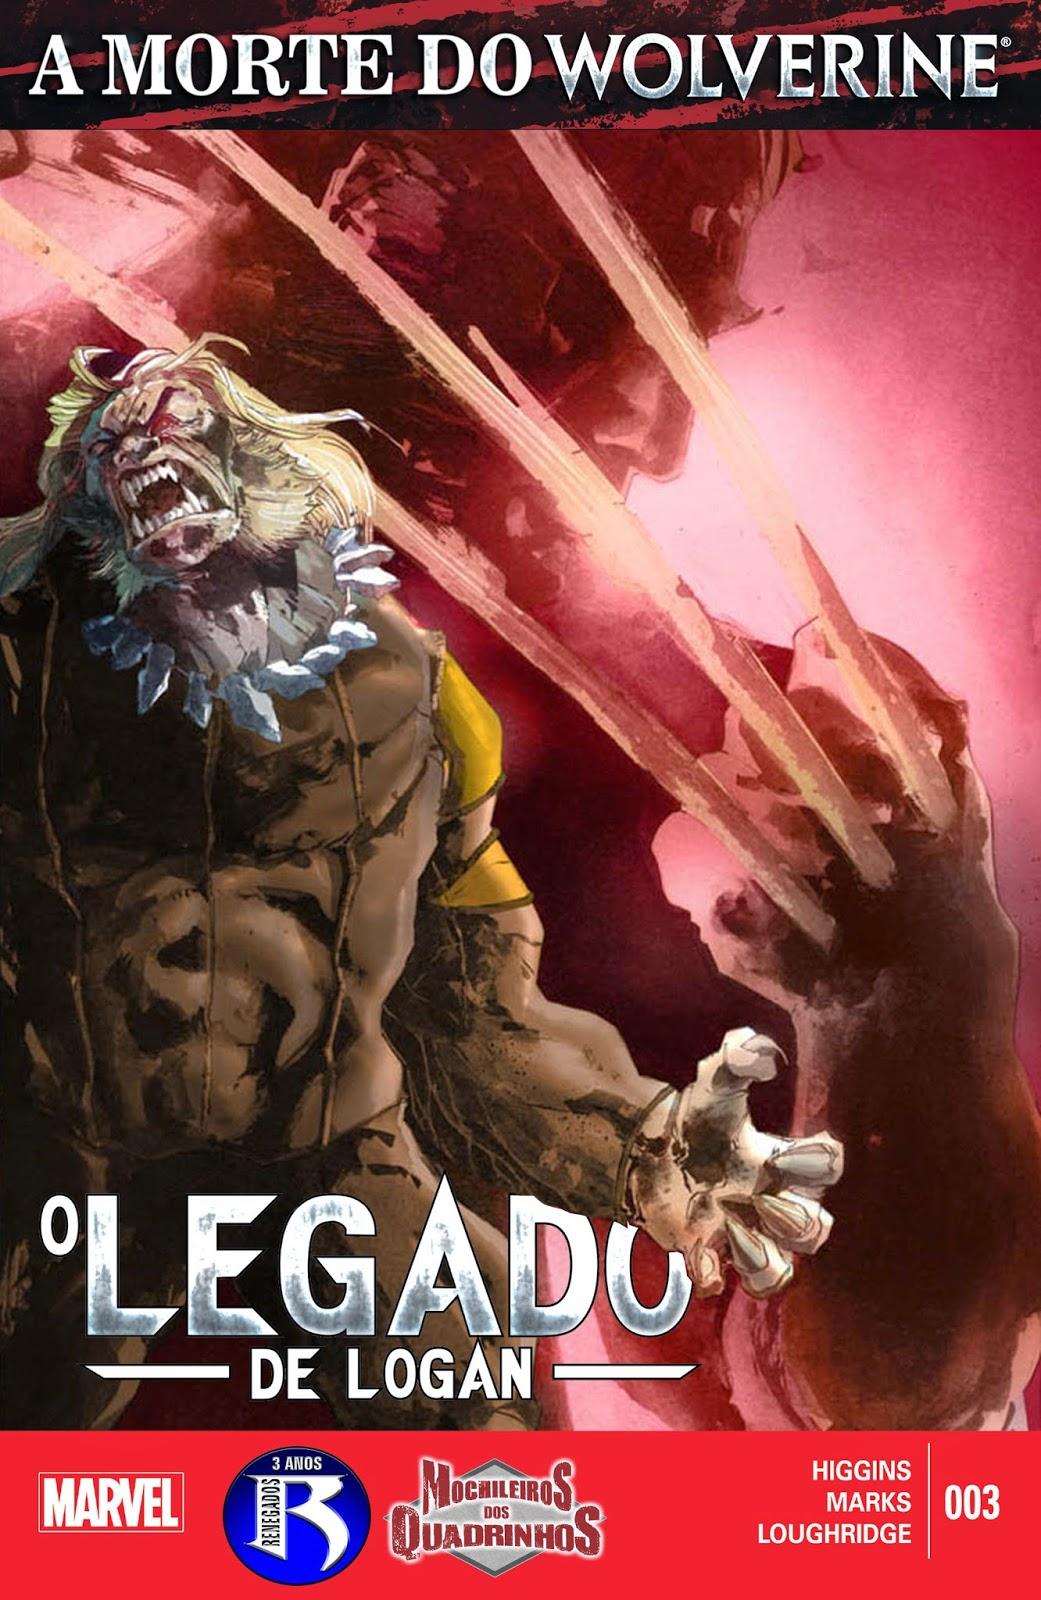 http://renegadoscomics.blogspot.com.br/2015/01/a-morte-do-wolverine-o-legado-de-logan.html